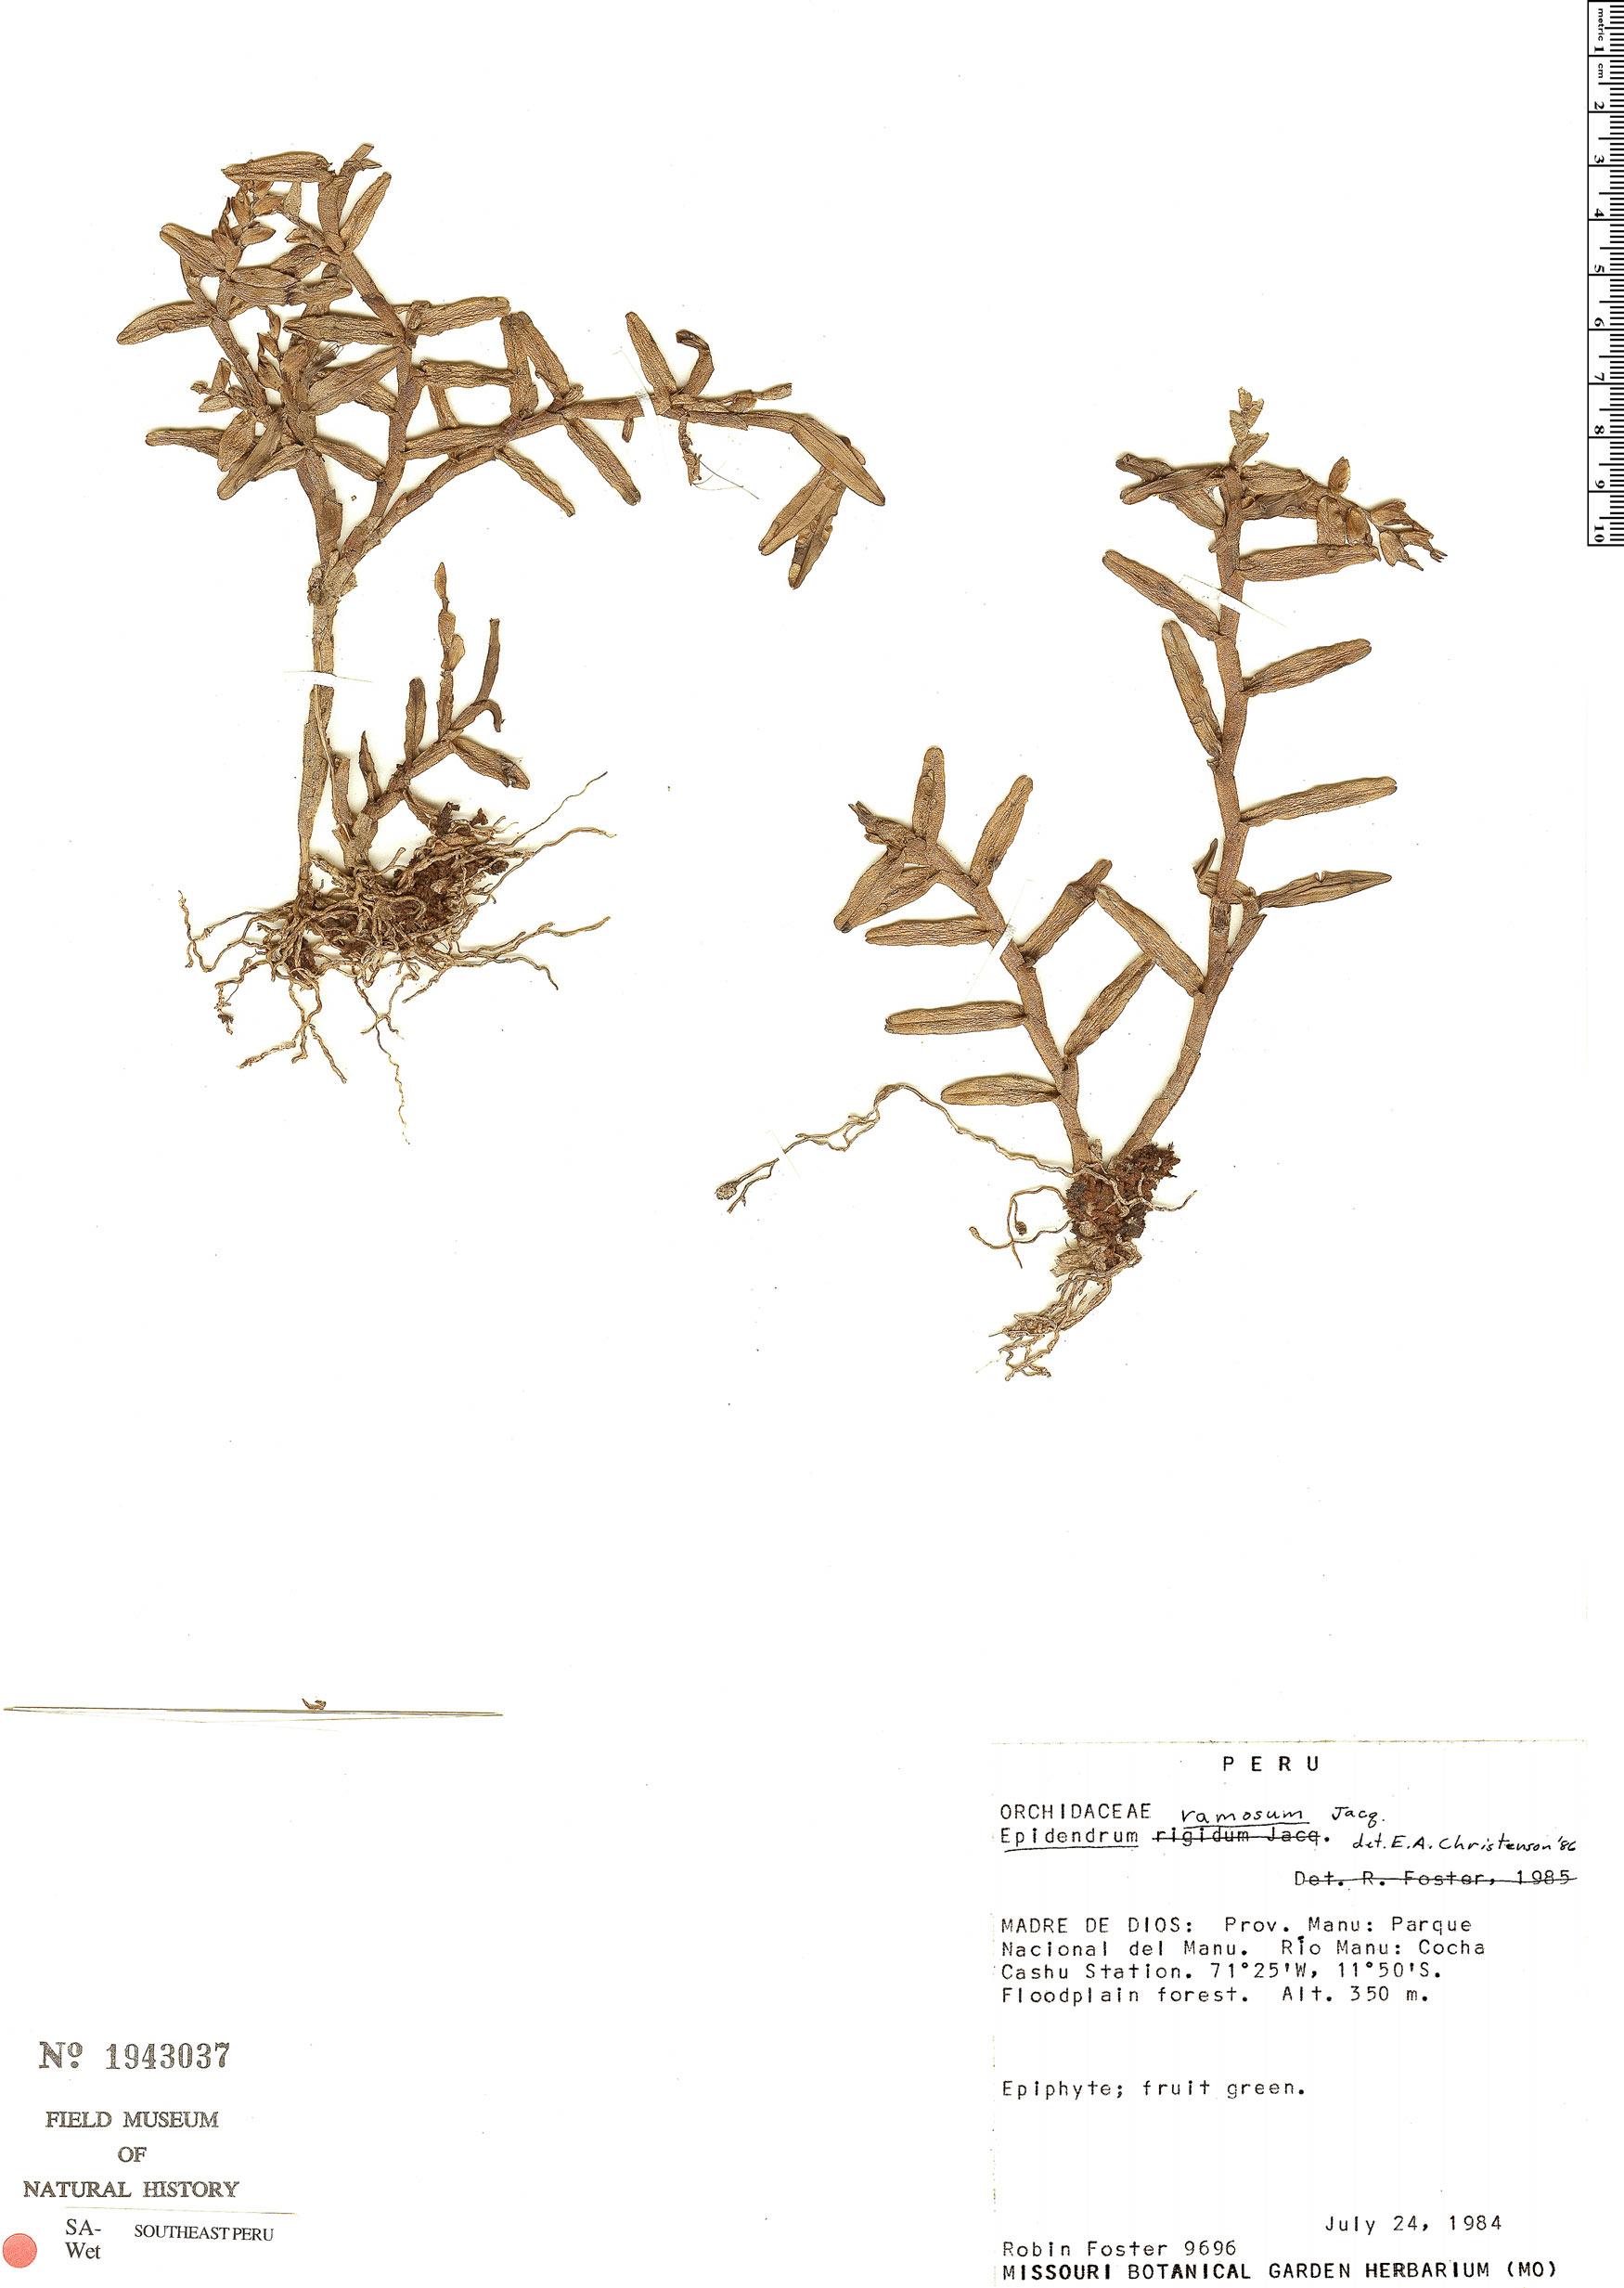 Specimen: Epidendrum strobiliferum